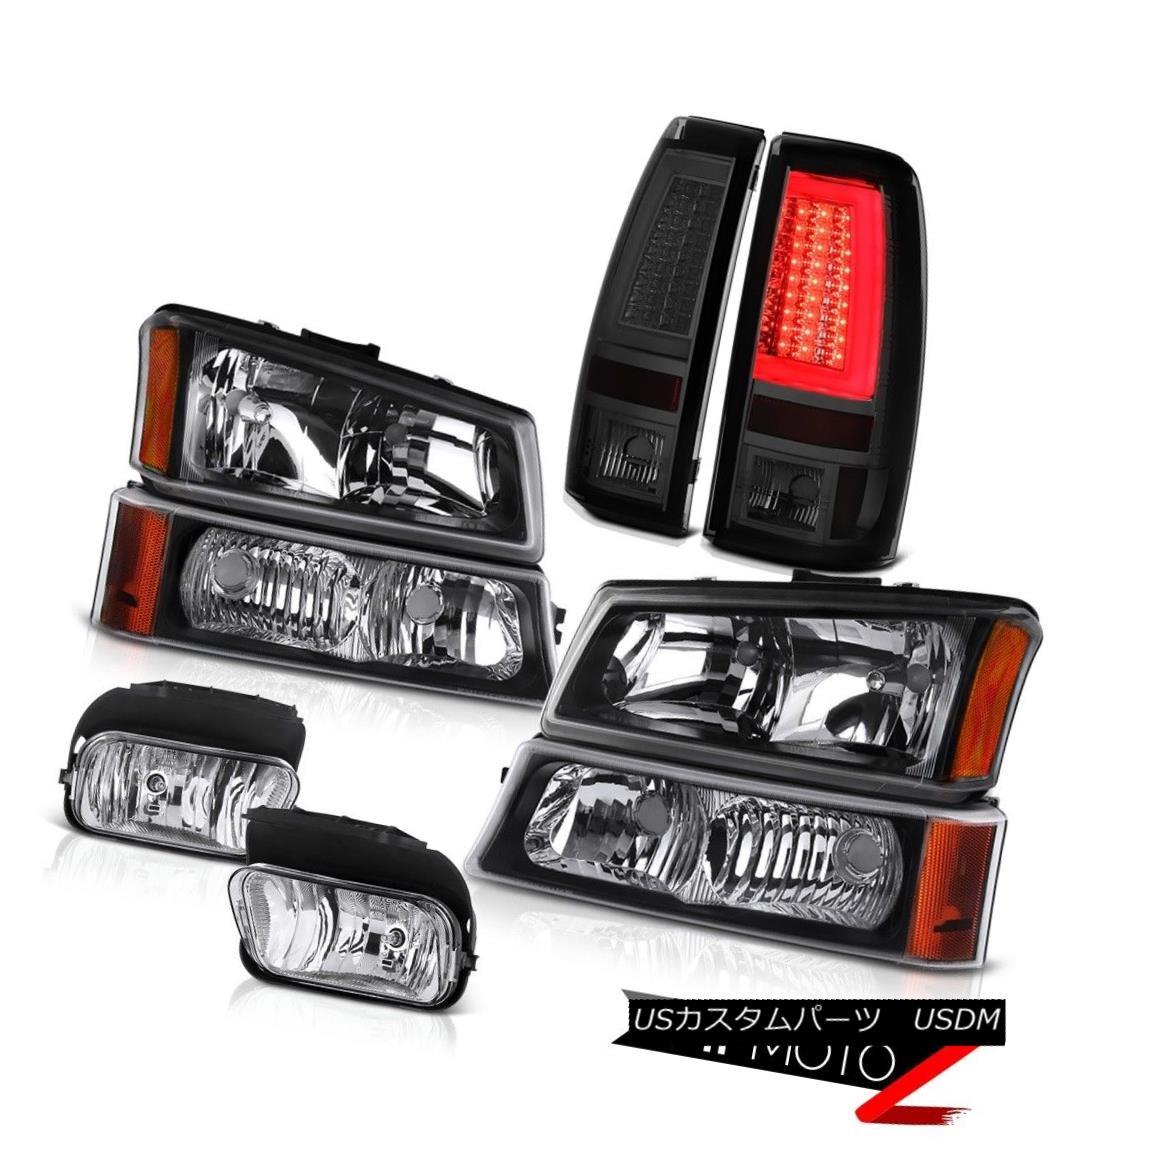 テールライト 2003-2006 Silverado 1500 Smoked Tail Lamps Foglamps Black Signal Light Headlamps 2003-2006 Silverado 1500スモークテールランプフォグランプブラックシグナルライトヘッドランプ